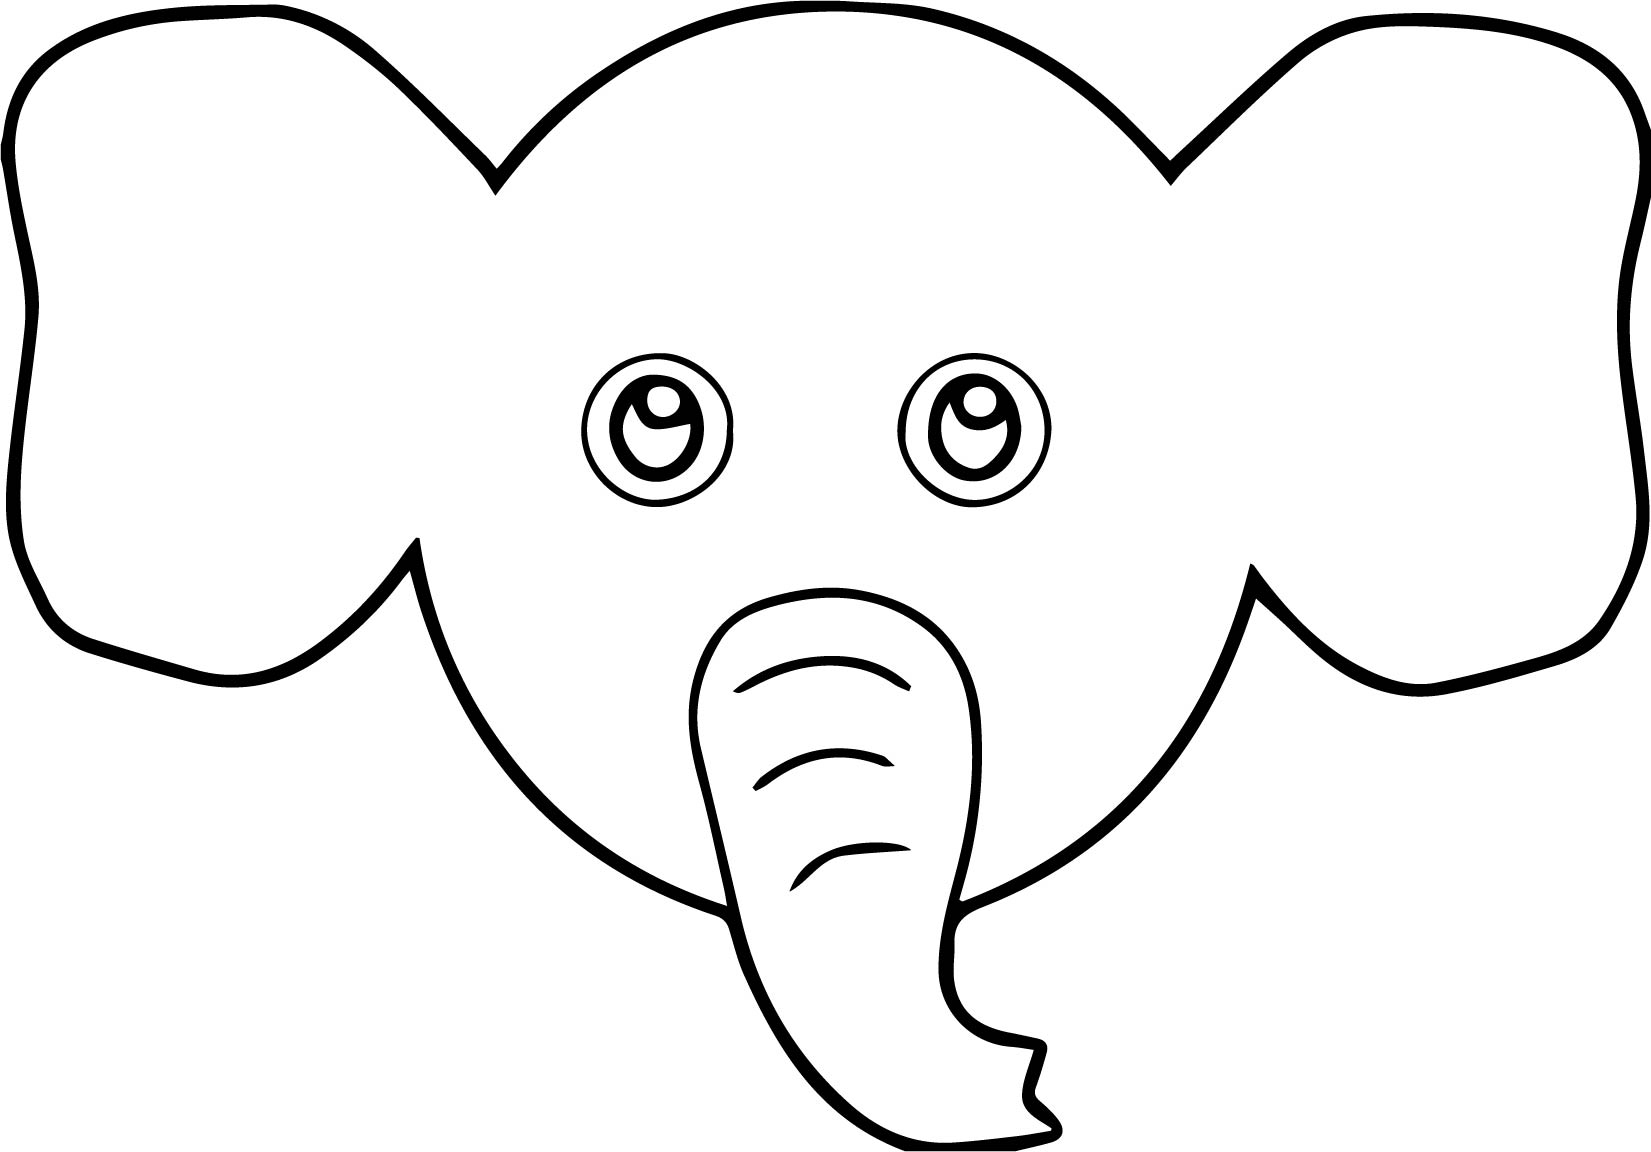 Elephant Face Coloring Page - Democraciaejustica